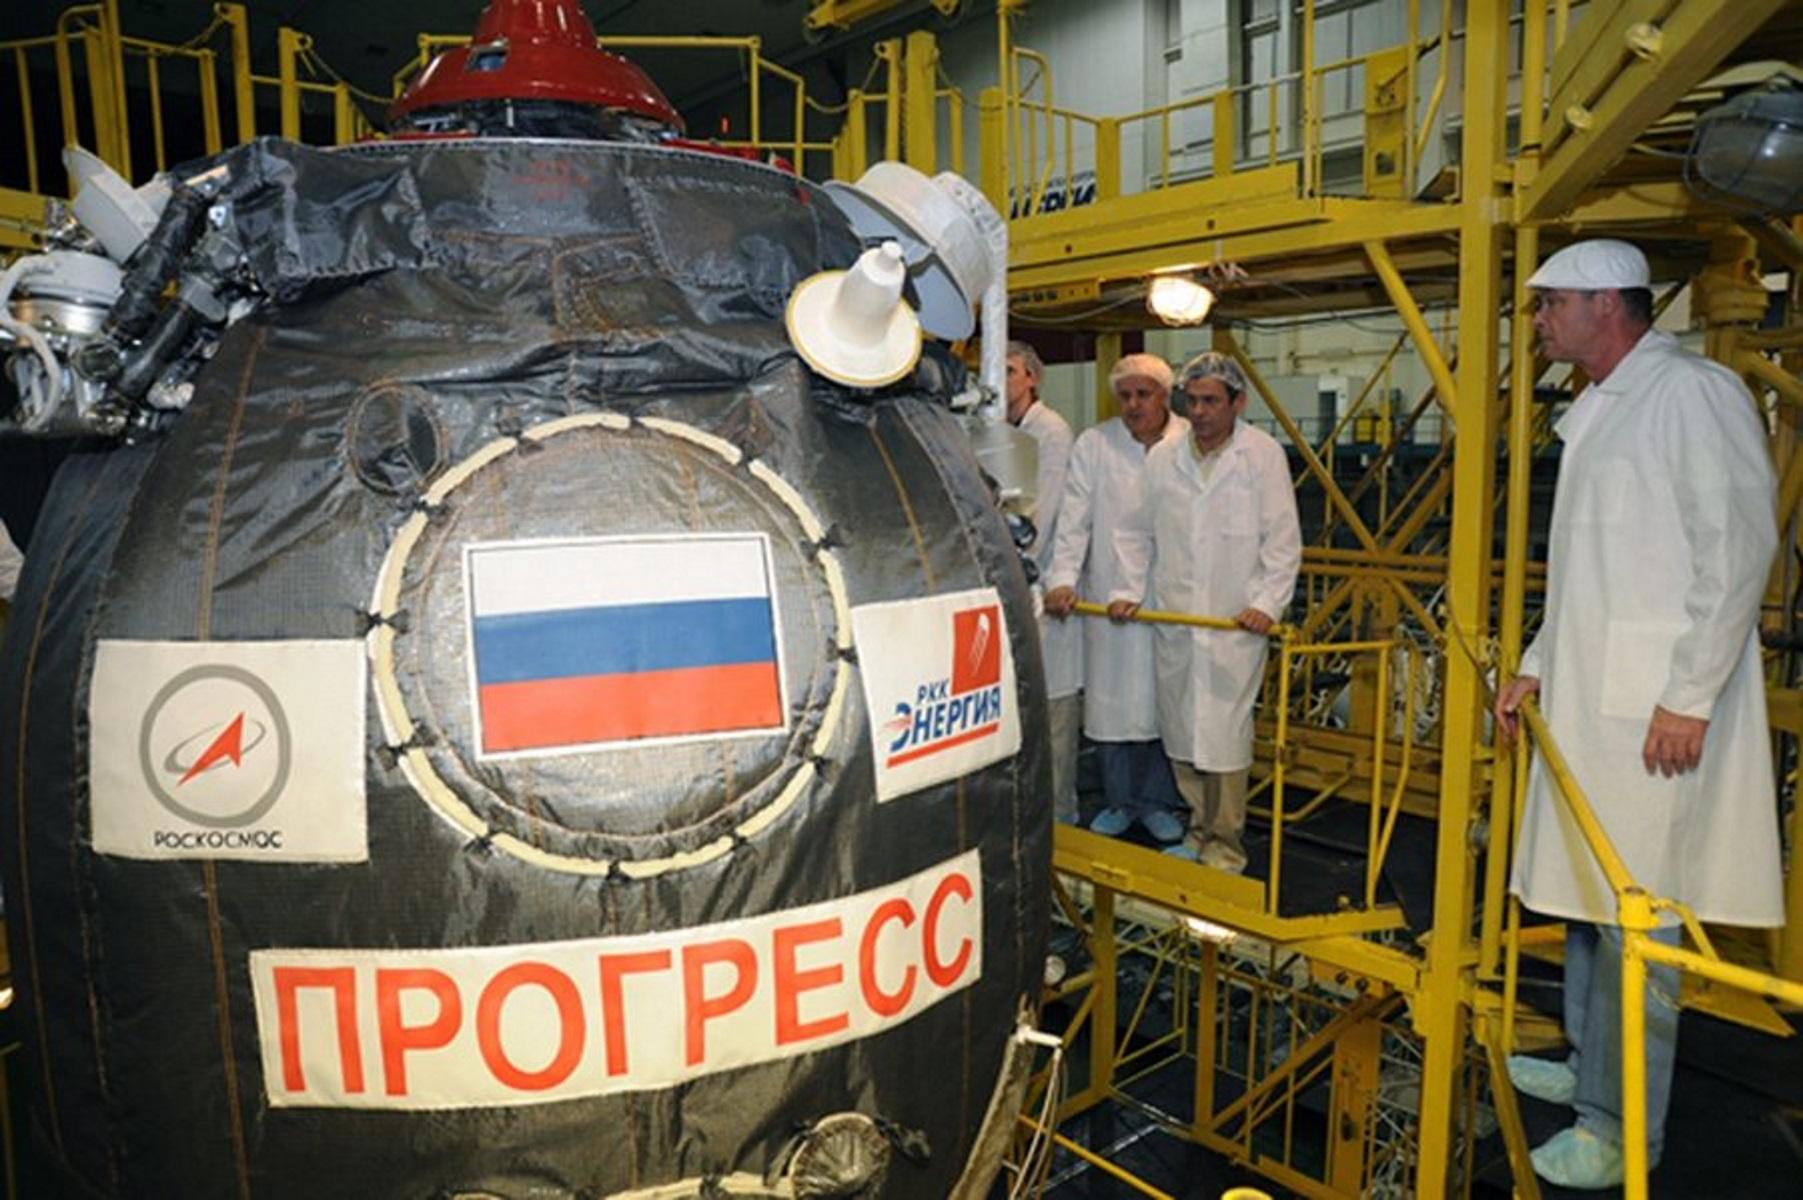 Συναγερμός στο Διεθνή Διαστημικό Σταθμό της Ρωσίας: Πλησιάζει «άγνωστο» αντικείμενο